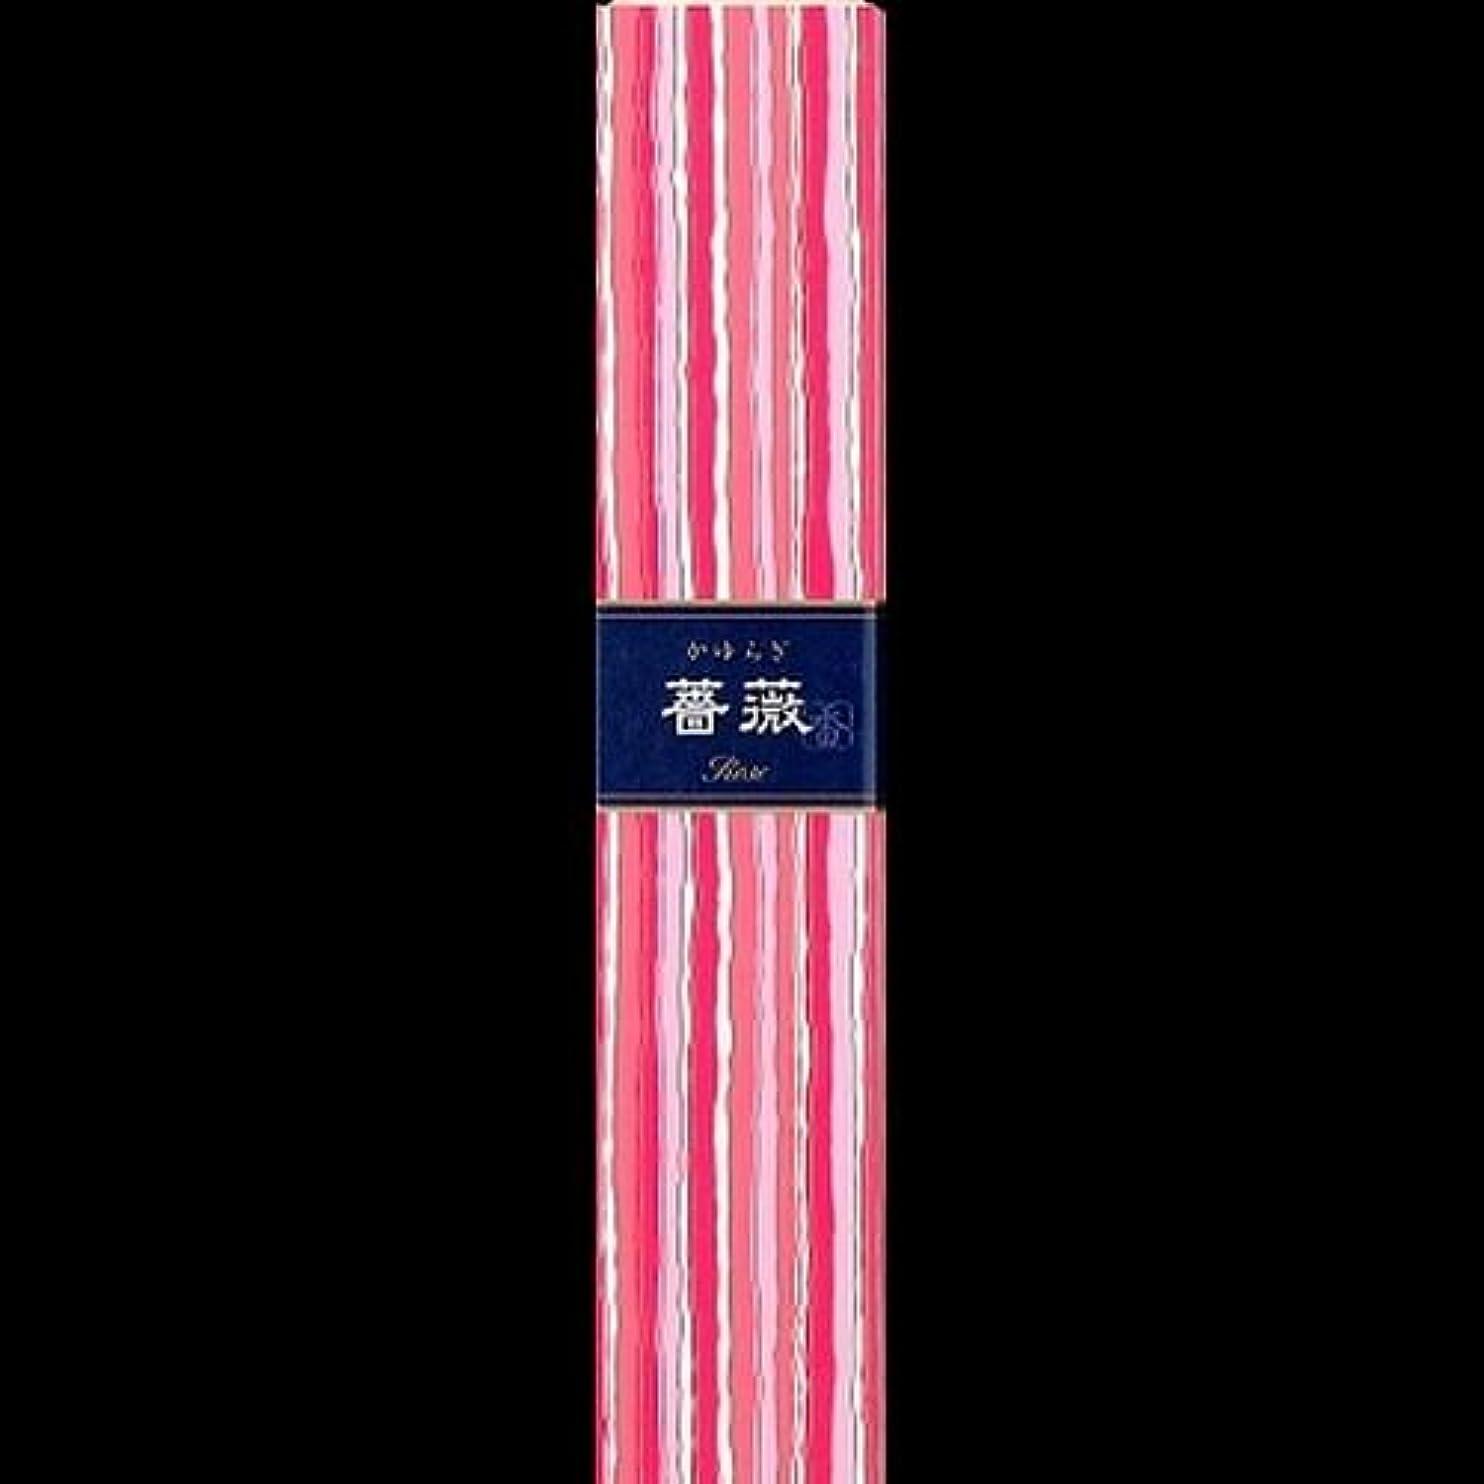 穴不良虫を数える【まとめ買い】日本香堂 かゆらぎスティック 薔薇 ×2セット